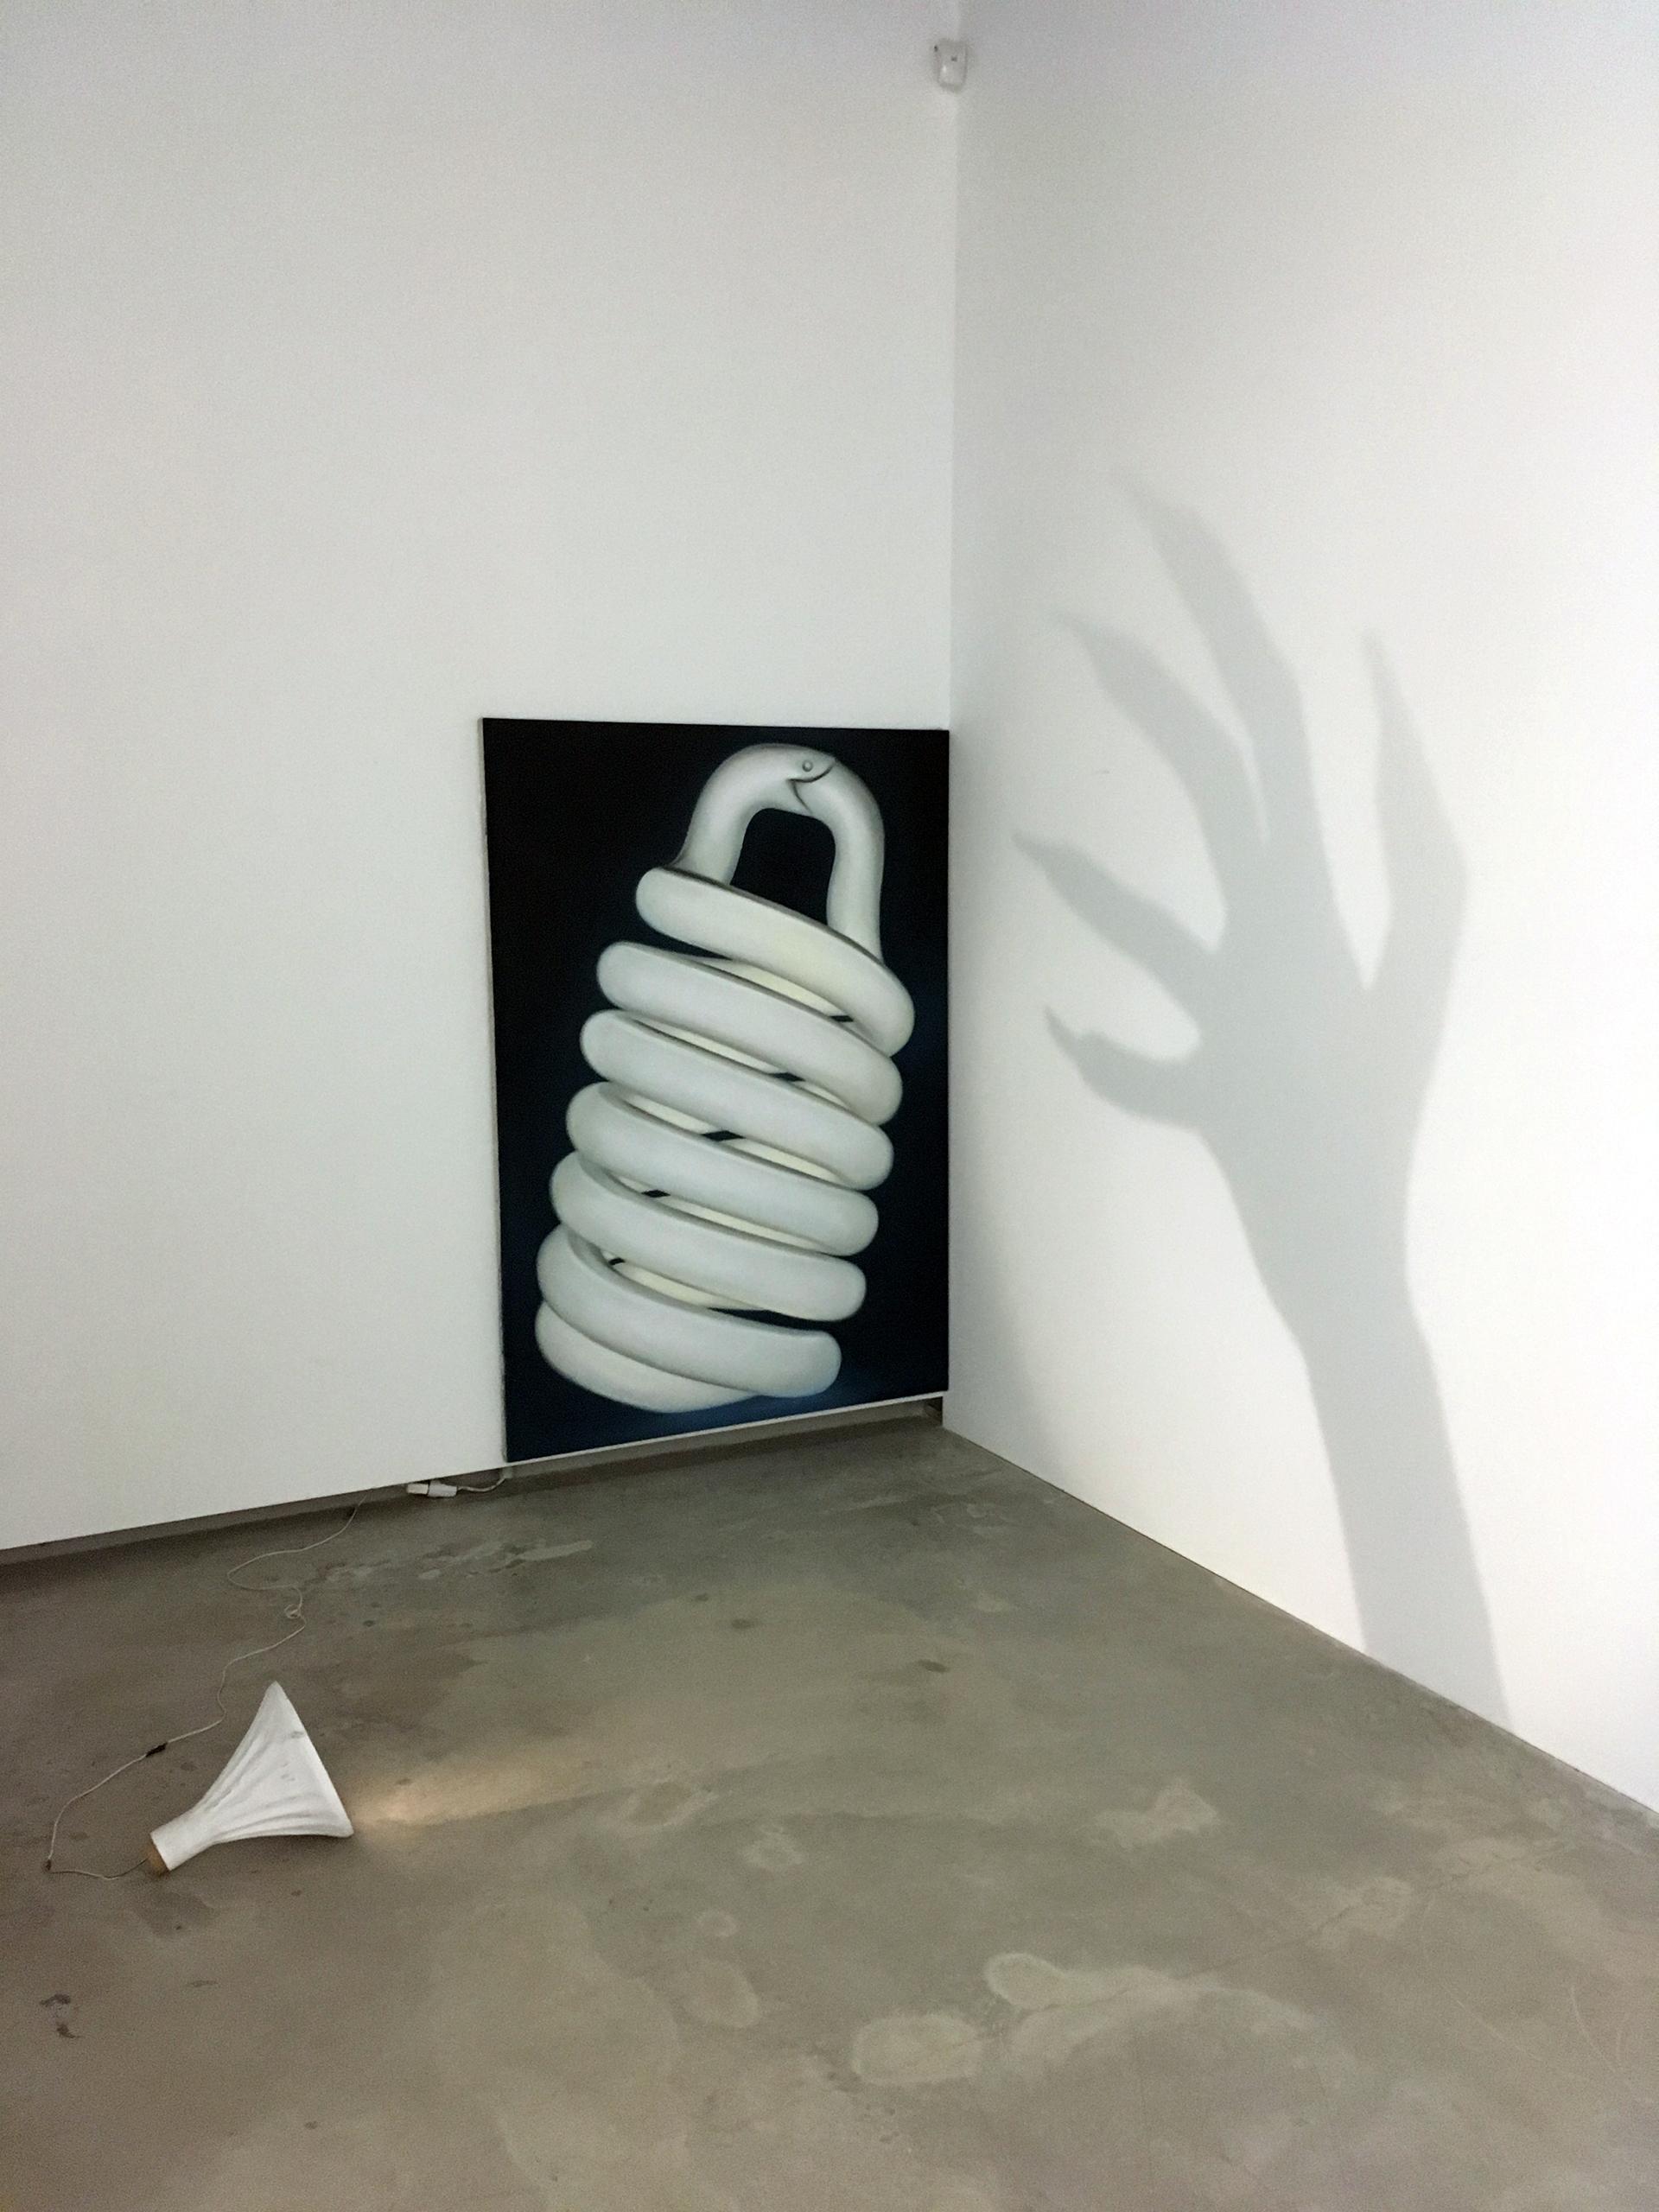 Zdjęcie przedstawia obraz, na którym namalowana jest gigantyczna żarówka, oraz lampkę leżącą na podłodze, która rzuca cień w kształcie ręki.